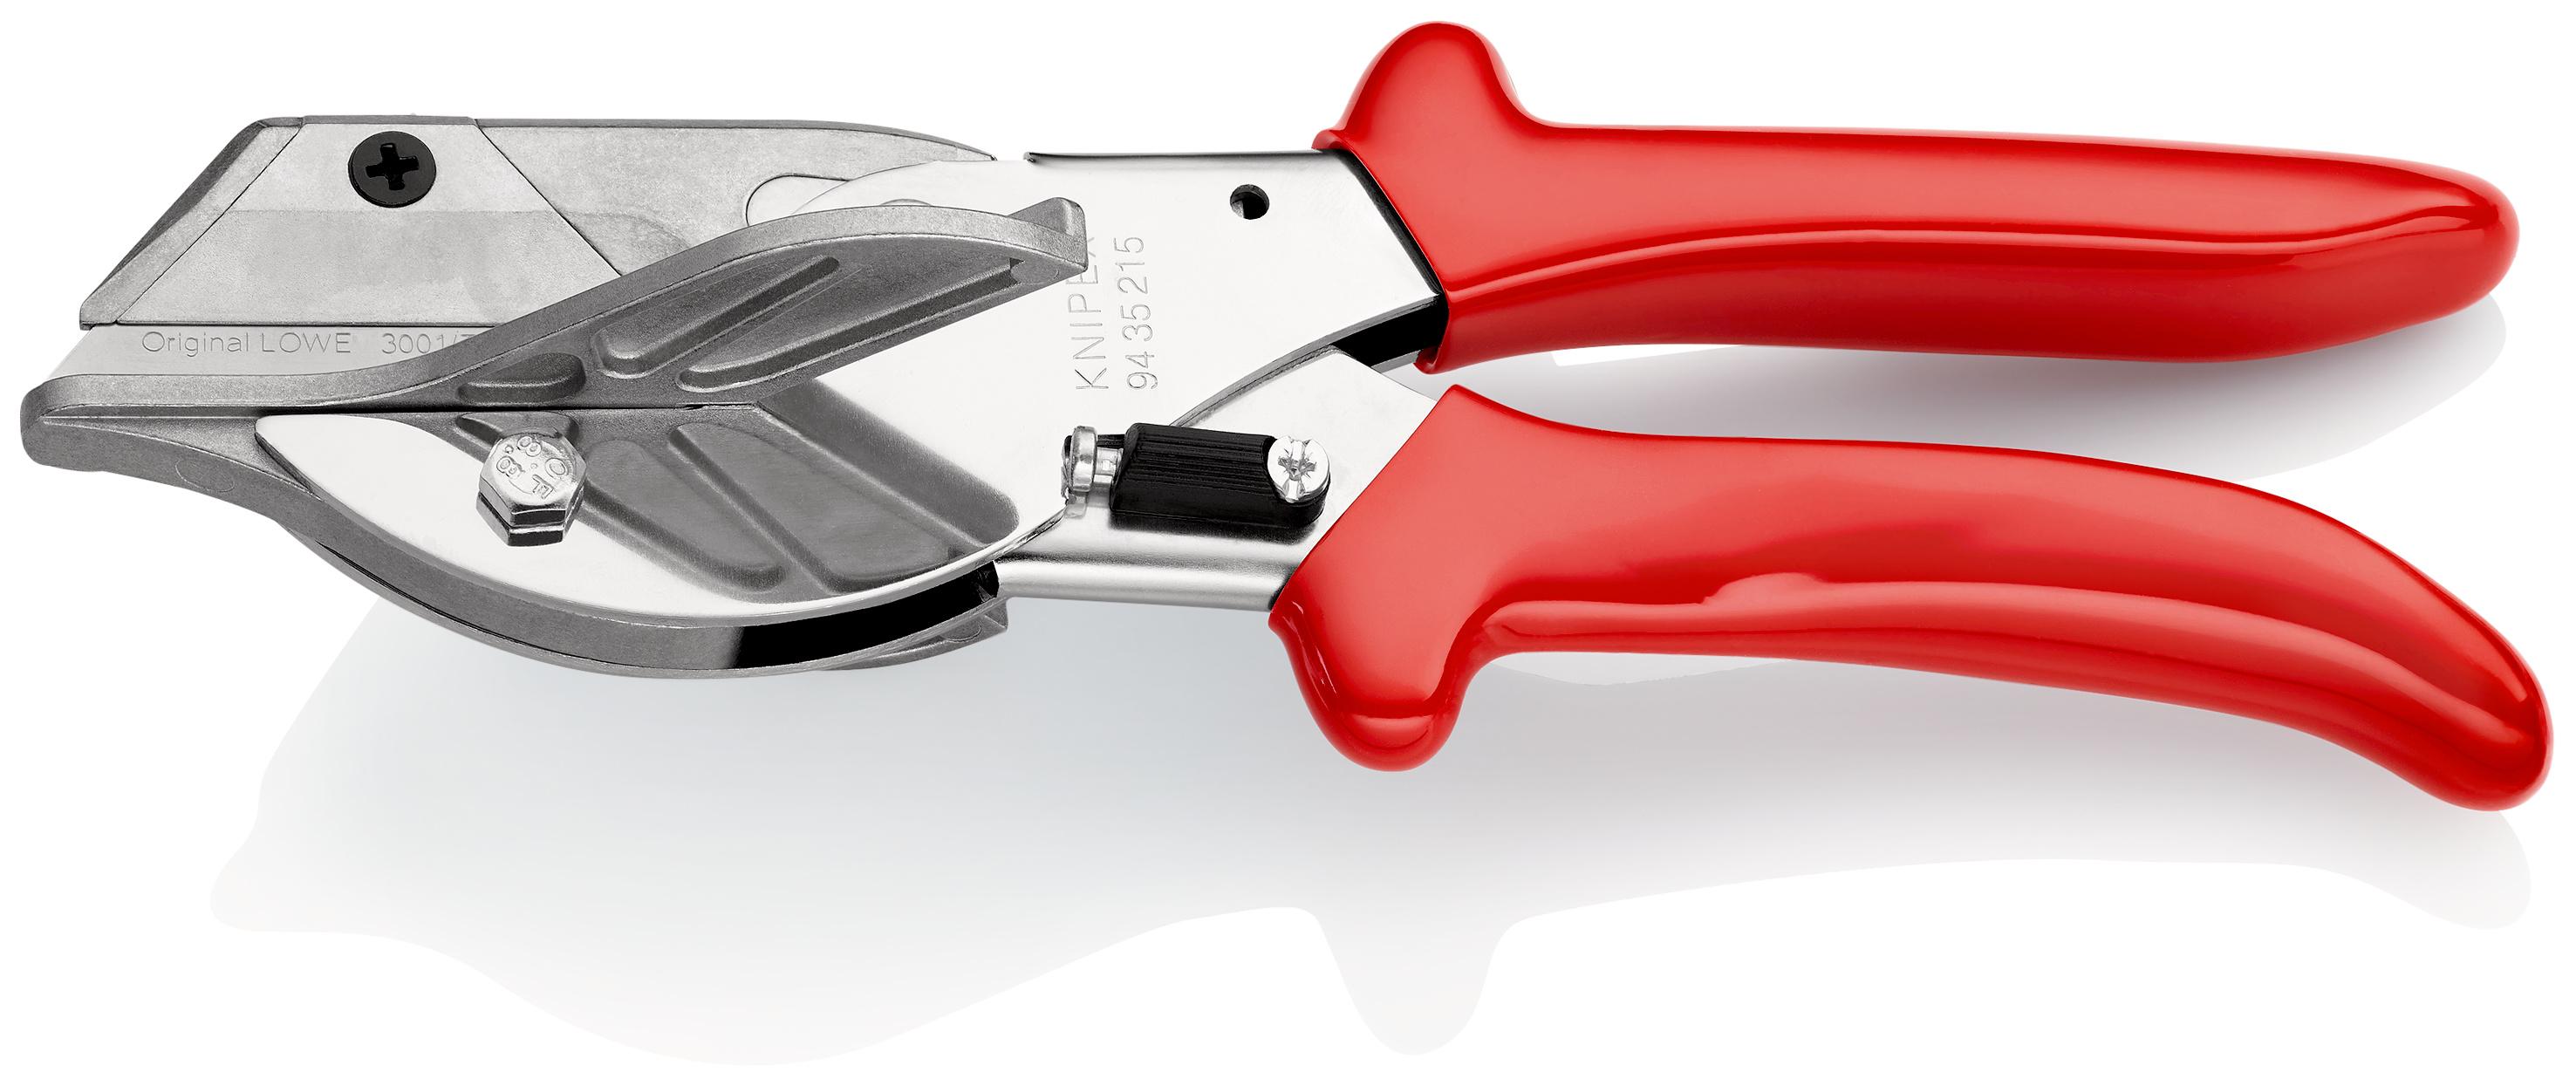 38 21 200 Knipex Pince Mécanicien noir atramentiert poli avec